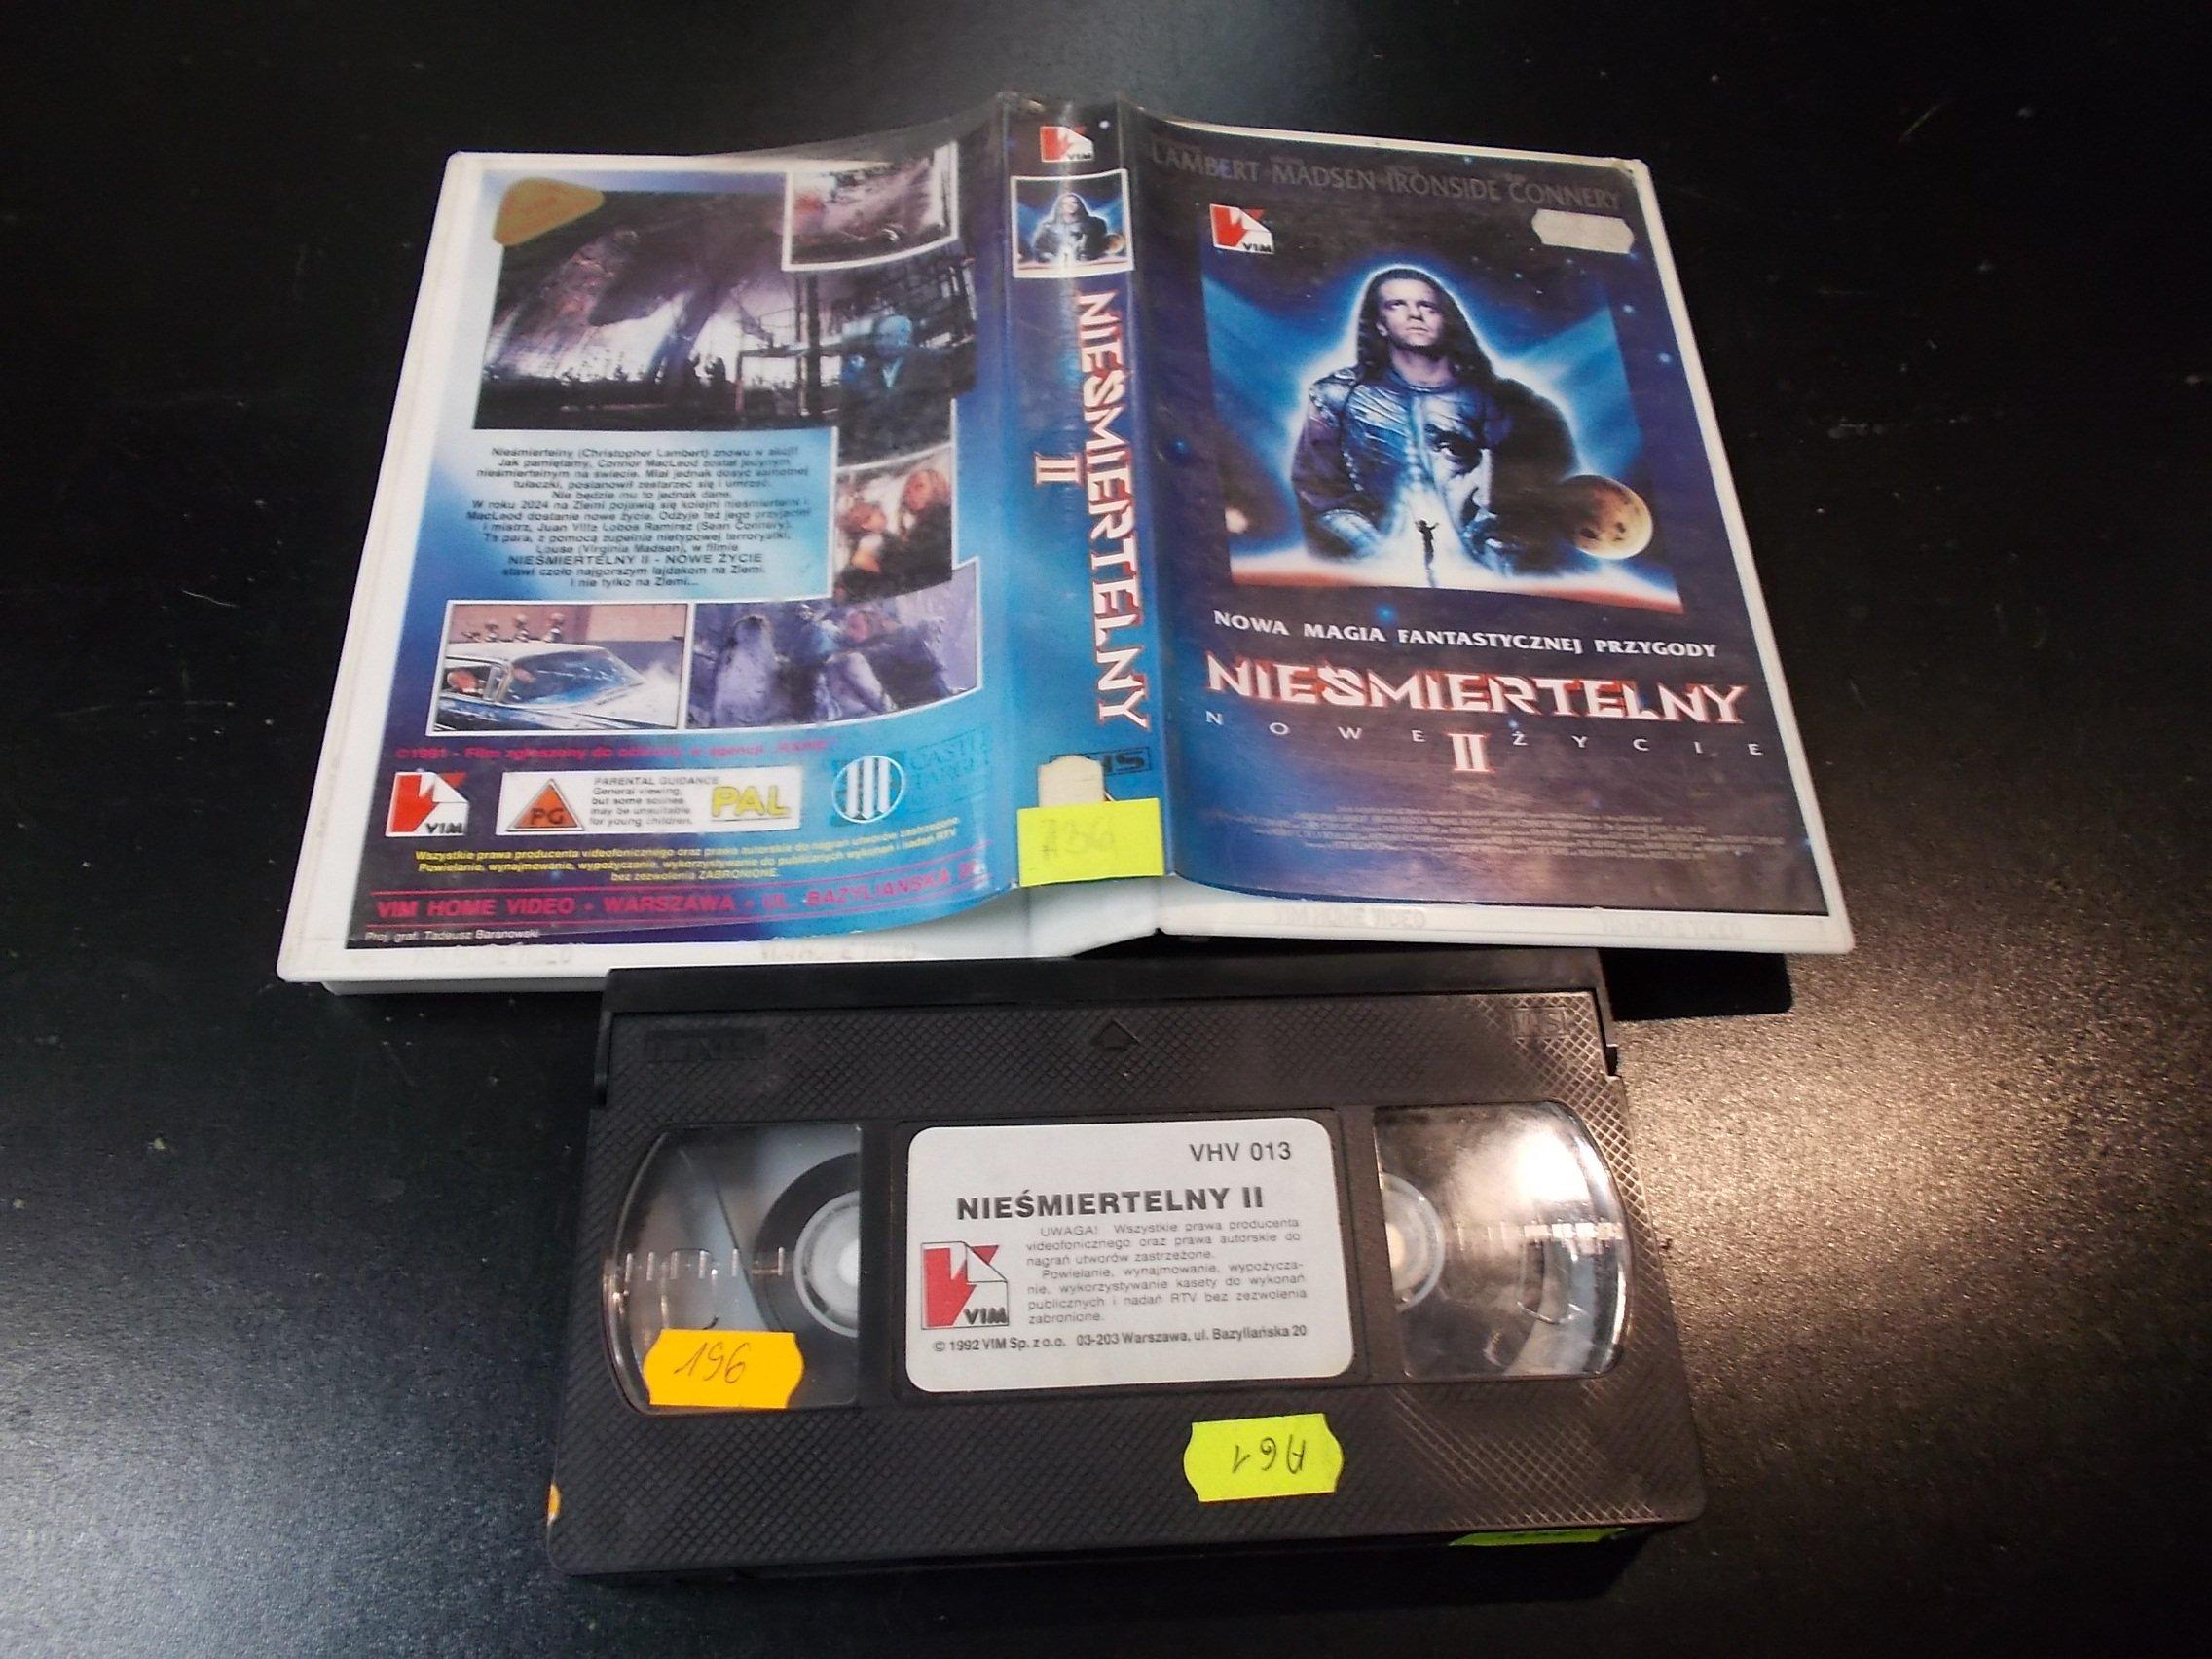 NIEŚMIERTELNY 2 - kaseta Video VHS - 1383 Sklep